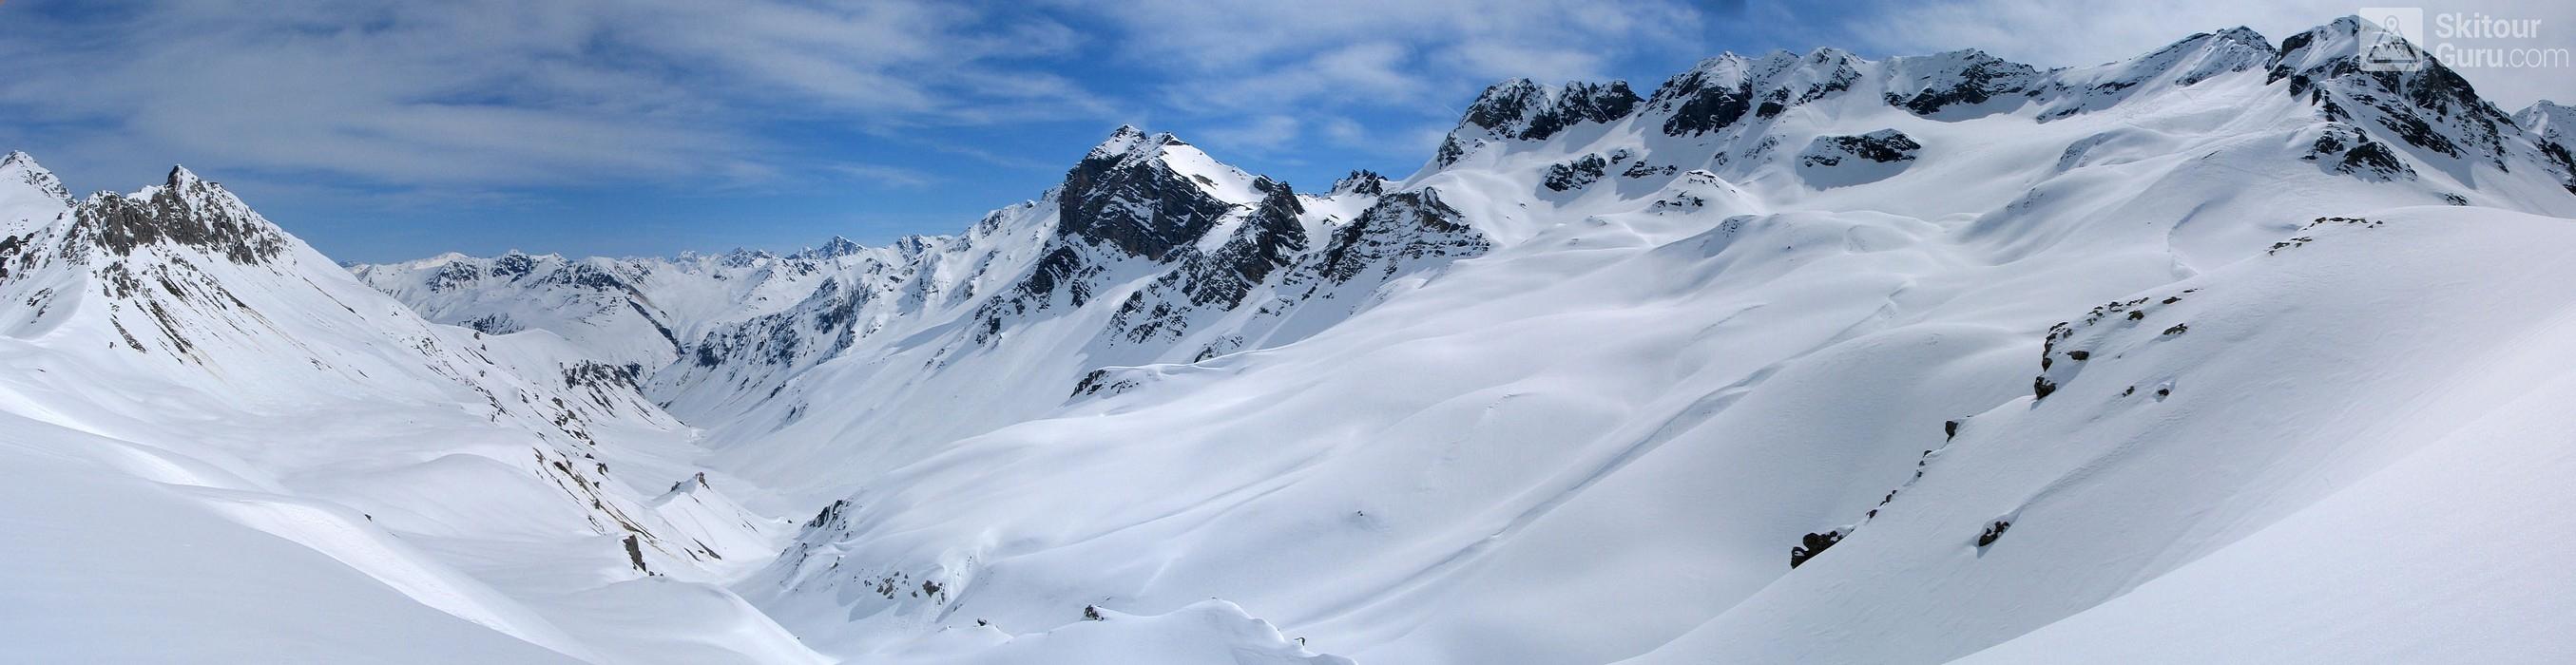 Gletscher Ducan Albula Alpen Switzerland panorama 42